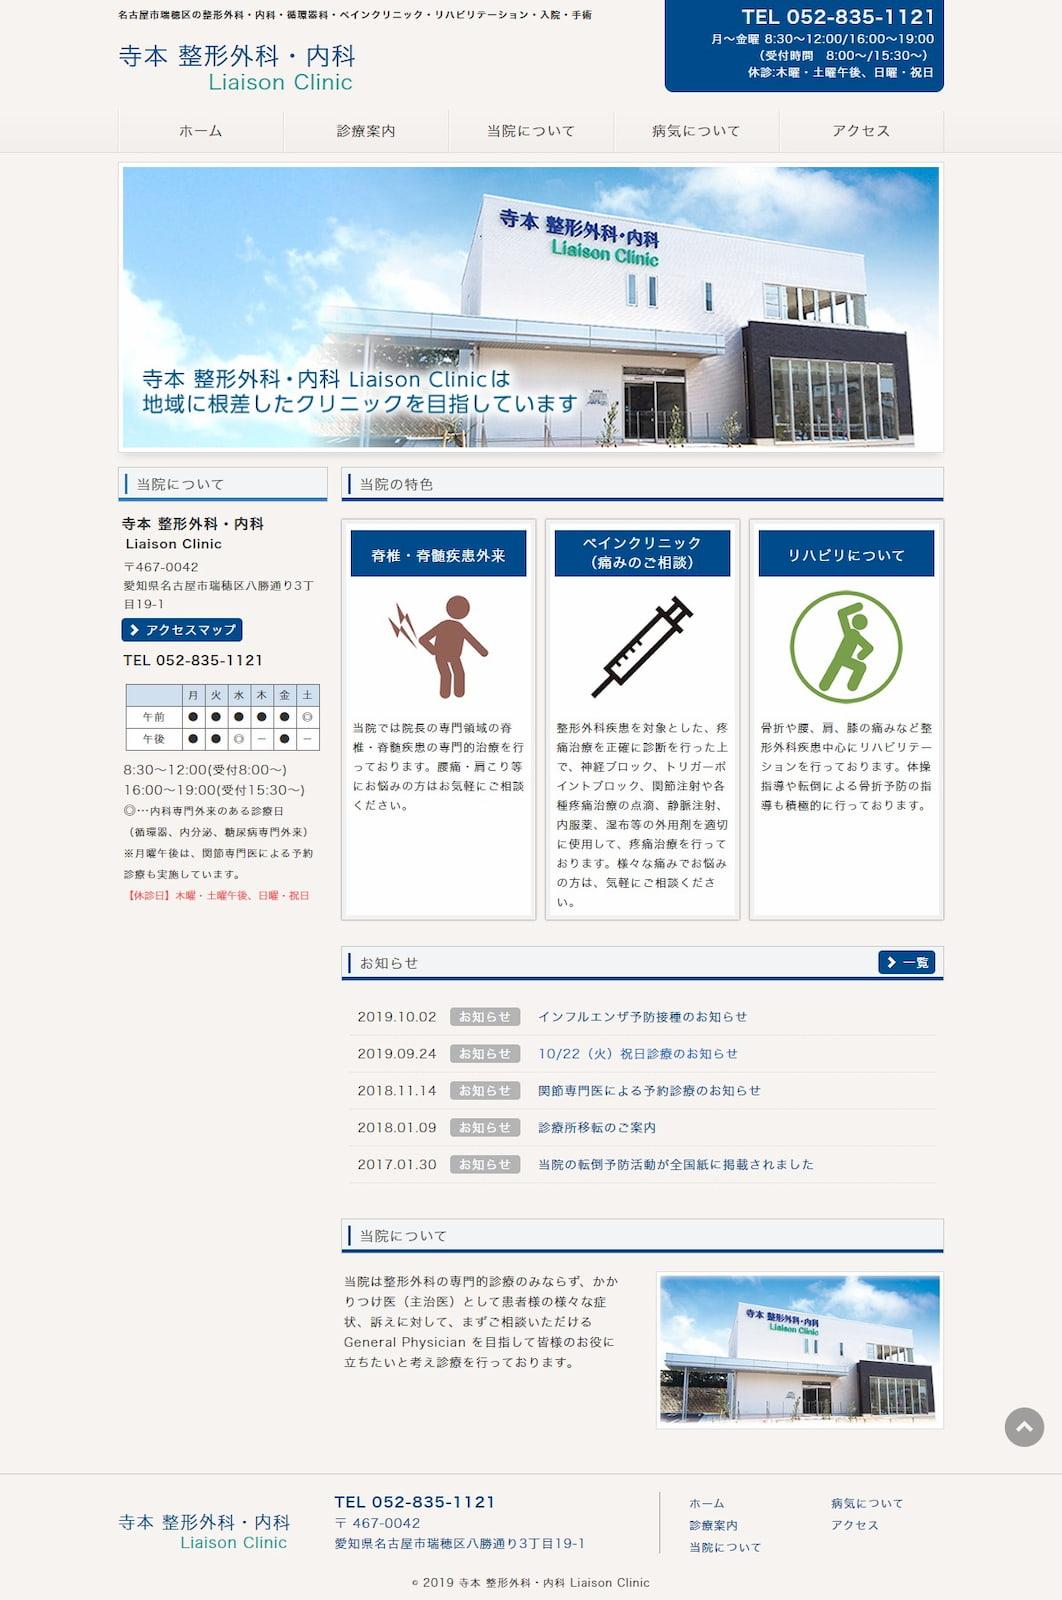 寺本 整形外科・内科  Liaison Clinic